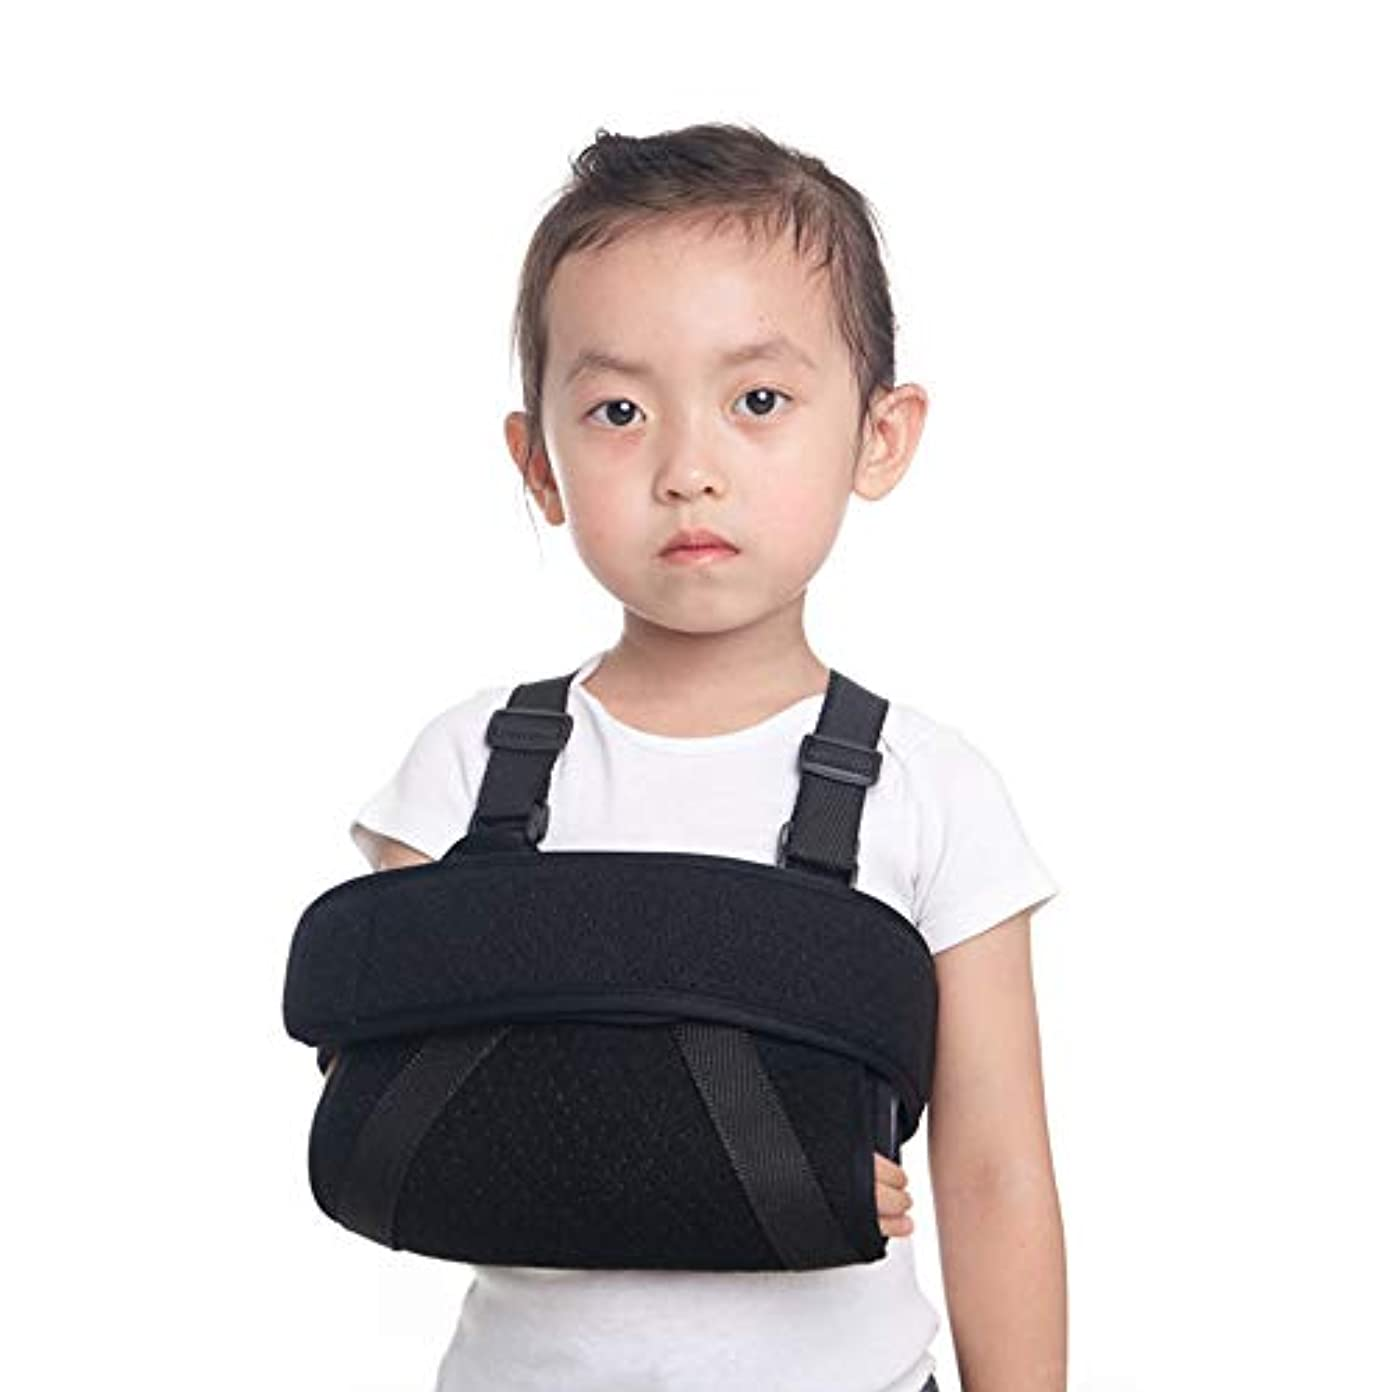 緊張するボールワーディアンケースキッズフラクチャリングスリング、アームエルボーフラクチャ固定ブレース、6-10歳の子供の 手首脱臼保護サポート,S